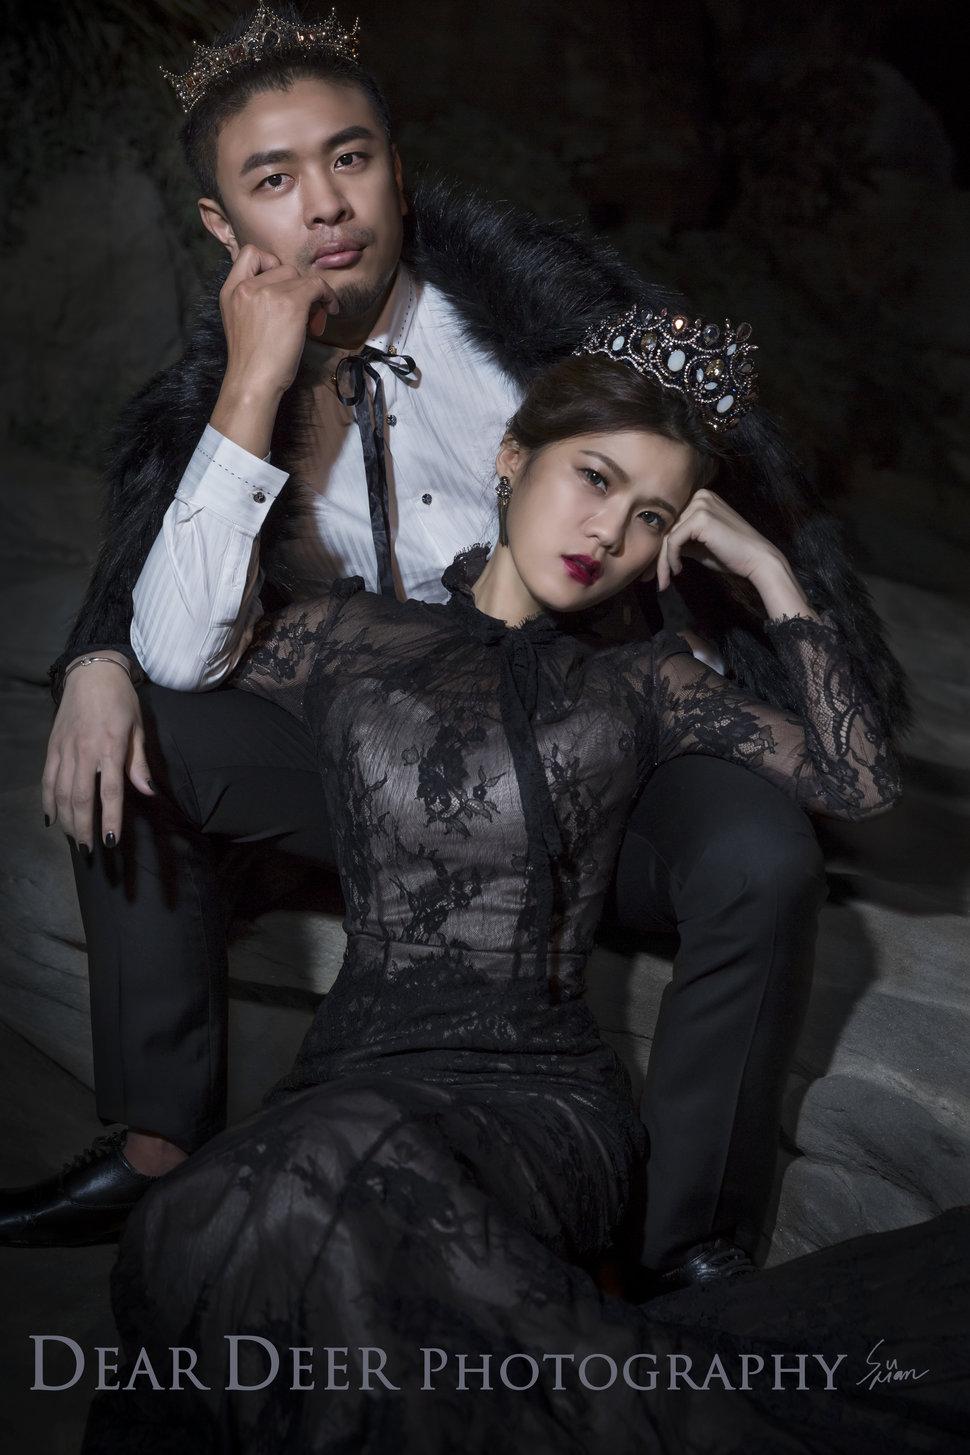 Dear Deer|Vogue時尚雜誌風(編號:1280416) - Dear Deer鹿兒攝影|女攝影師蘇蔓 - 結婚吧